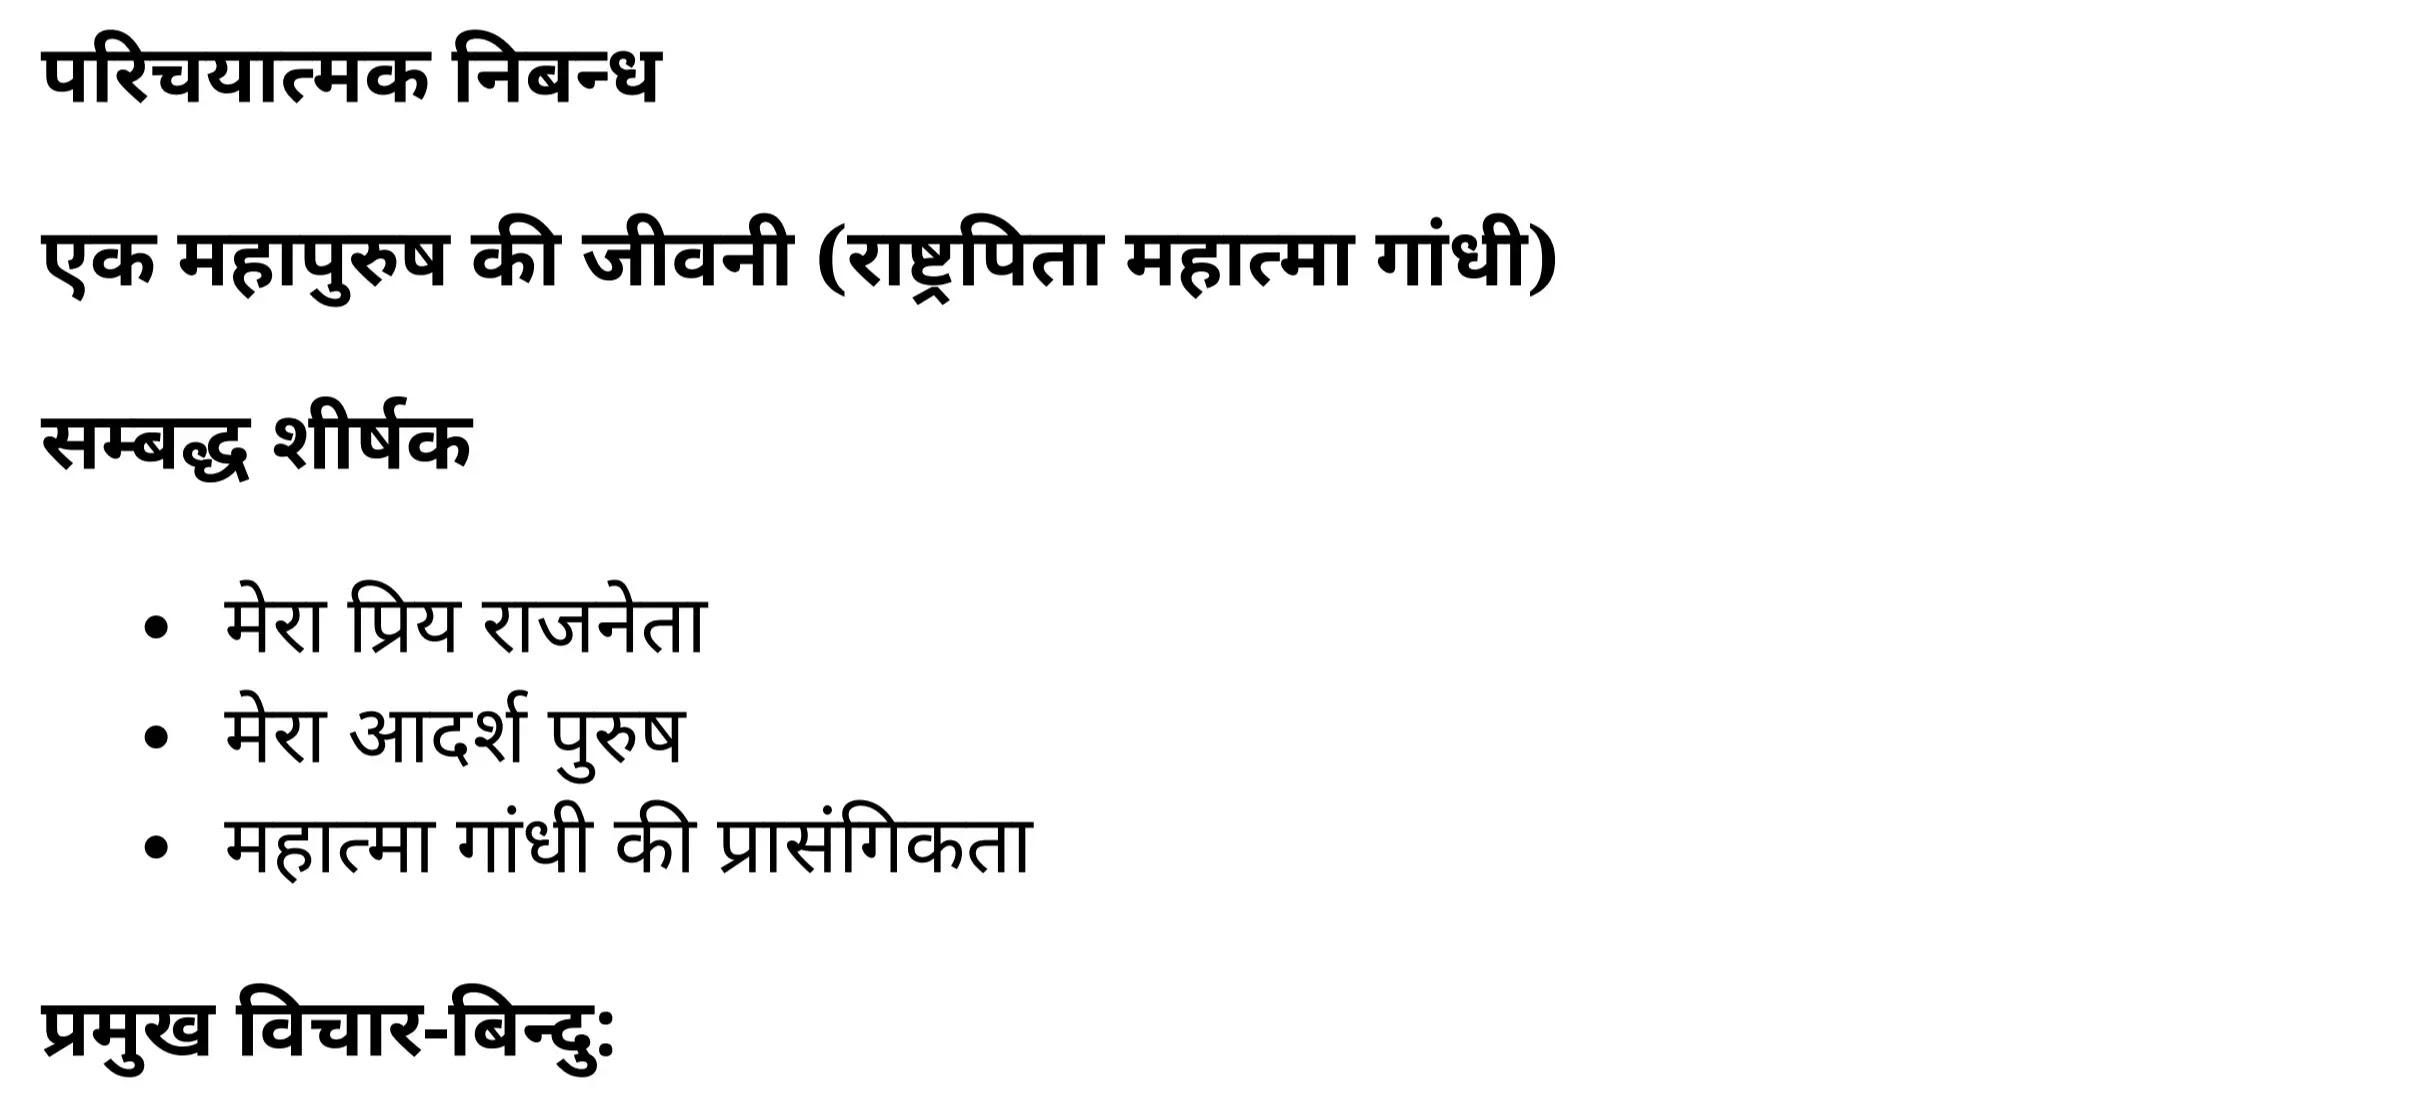 कक्षा 11 परिचयात्मक हिंदीसाहित्यिक निबन्ध  के नोट्स परिचयात्मक हिंदी में एनसीईआरटी समाधान,   class 11 sahityik hindi parichayaatmak nibandh,  class 11 sahityik hindi parichayaatmak nibandh ncert solutions in sahityik hindi,  class 11 sahityik hindi parichayaatmak nibandh notes in sahityik hindi,  class 11 sahityik hindi parichayaatmak nibandh question answer,  class 11 sahityik hindi parichayaatmak nibandh notes,  11   class parichayaatmak nibandh in sahityik hindi,  class 11 sahityik hindi parichayaatmak nibandh in sahityik hindi,  class 11 sahityik hindi parichayaatmak nibandh important questions in sahityik hindi,  class 11 sahityik hindi  parichayaatmak nibandh notes in sahityik hindi,  class 11 sahityik hindi parichayaatmak nibandh test,  class 11 sahityik hindi parichayaatmak nibandh pdf,  class 11 sahityik hindi parichayaatmak nibandh notes pdf,  class 11 sahityik hindi parichayaatmak nibandh exercise solutions,  class 11 sahityik hindi parichayaatmak nibandh, class 11 sahityik hindi parichayaatmak nibandh notes study rankers,  class 11 sahityik hindi parichayaatmak nibandh notes,  class 11 sahityik hindi  parichayaatmak nibandh notes,   saahityik nibandh 11  notes pdf, saahityik nibandh class 11  notes  ncert,  parichayaatmak nibandh class 11 pdf,   parichayaatmak nibandh  book,    parichayaatmak nibandh quiz class 11  ,       11  th parichayaatmak nibandh    book up board,       up board 11  th parichayaatmak nibandh notes,  कक्षा 11 परिचयात्मक हिंदीसाहित्यिक निबन्ध , कक्षा 11 परिचयात्मक हिंदी का परिचयात्मक निबन्ध , कक्षा 11 परिचयात्मक हिंदी के परिचयात्मक निबन्ध  के नोट्स परिचयात्मक हिंदी में, कक्षा 11 का परिचयात्मक हिंदीसाहित्यिक निबन्ध का प्रश्न उत्तर, कक्षा 11 परिचयात्मक हिंदीसाहित्यिक निबन्ध के नोट्स, 11 कक्षा परिचयात्मक हिंदीसाहित्यिक निबन्ध   परिचयात्मक हिंदी में,कक्षा 11 परिचयात्मक हिंदीसाहित्यिक निबन्ध  परिचयात्मक हिंदी में, कक्षा 11 परिचयात्मक हिंदीसाहित्यिक निबन्ध  महत्वपूर्ण प्रश्न परिचयात्मक हिंदी में,कक्षा 11 के परिचयात्मक हिंदी के नोट्स परिचया